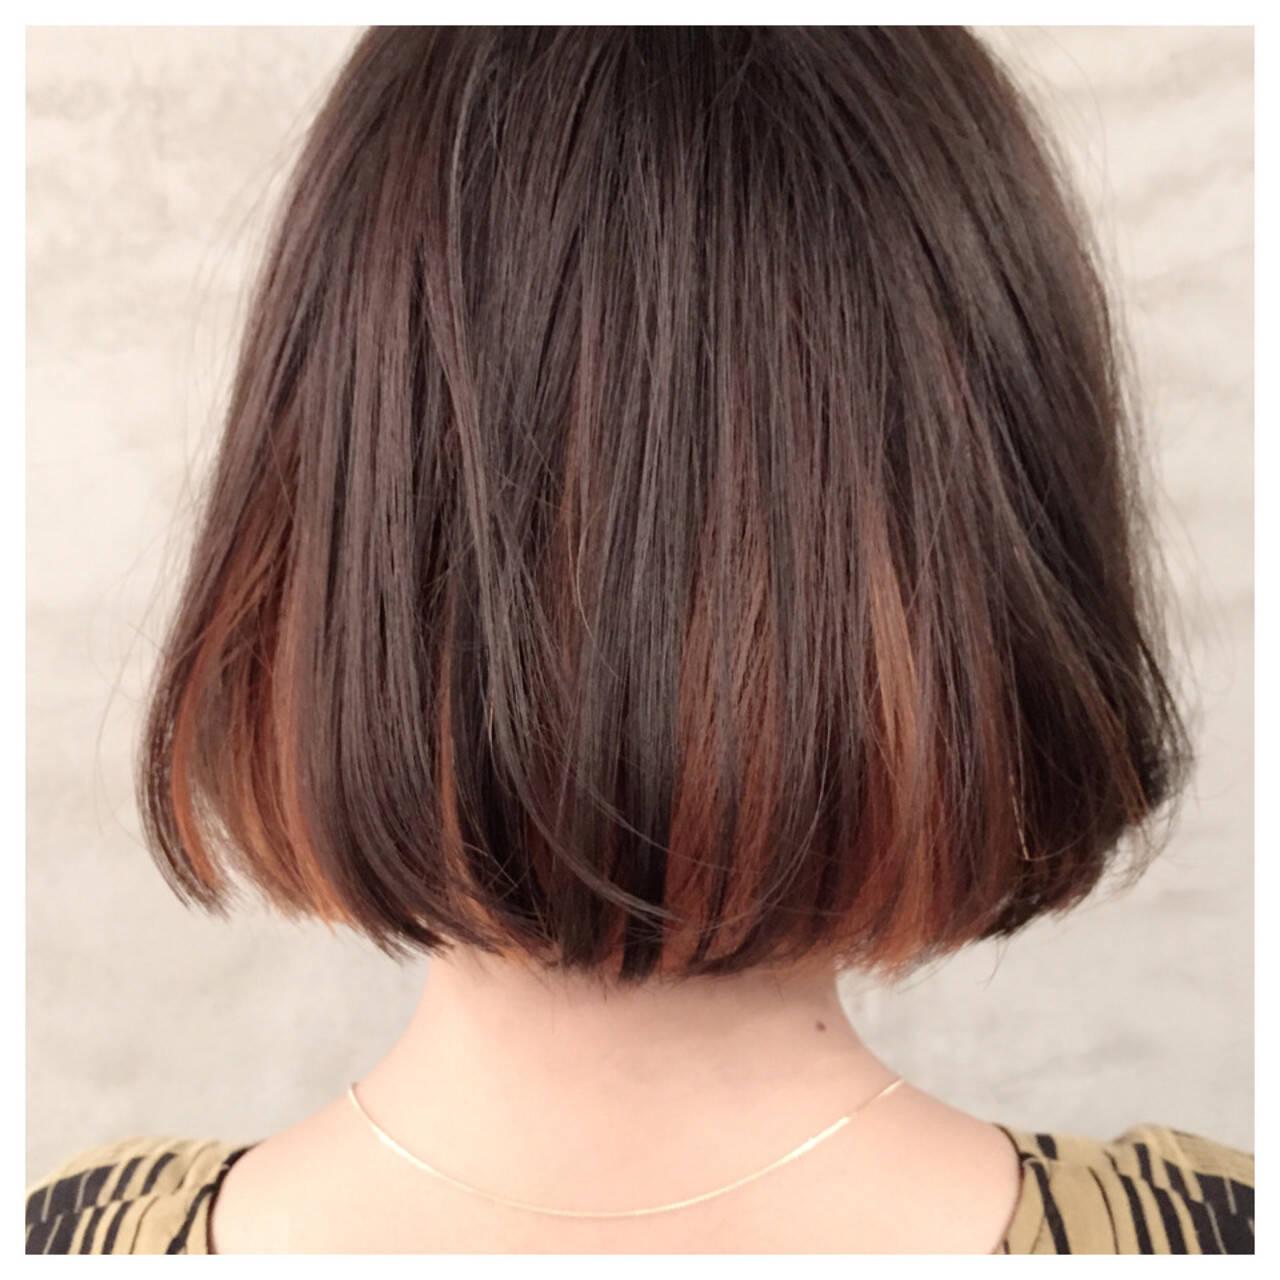 イエロー アッシュ インナーカラー ボブヘアスタイルや髪型の写真・画像